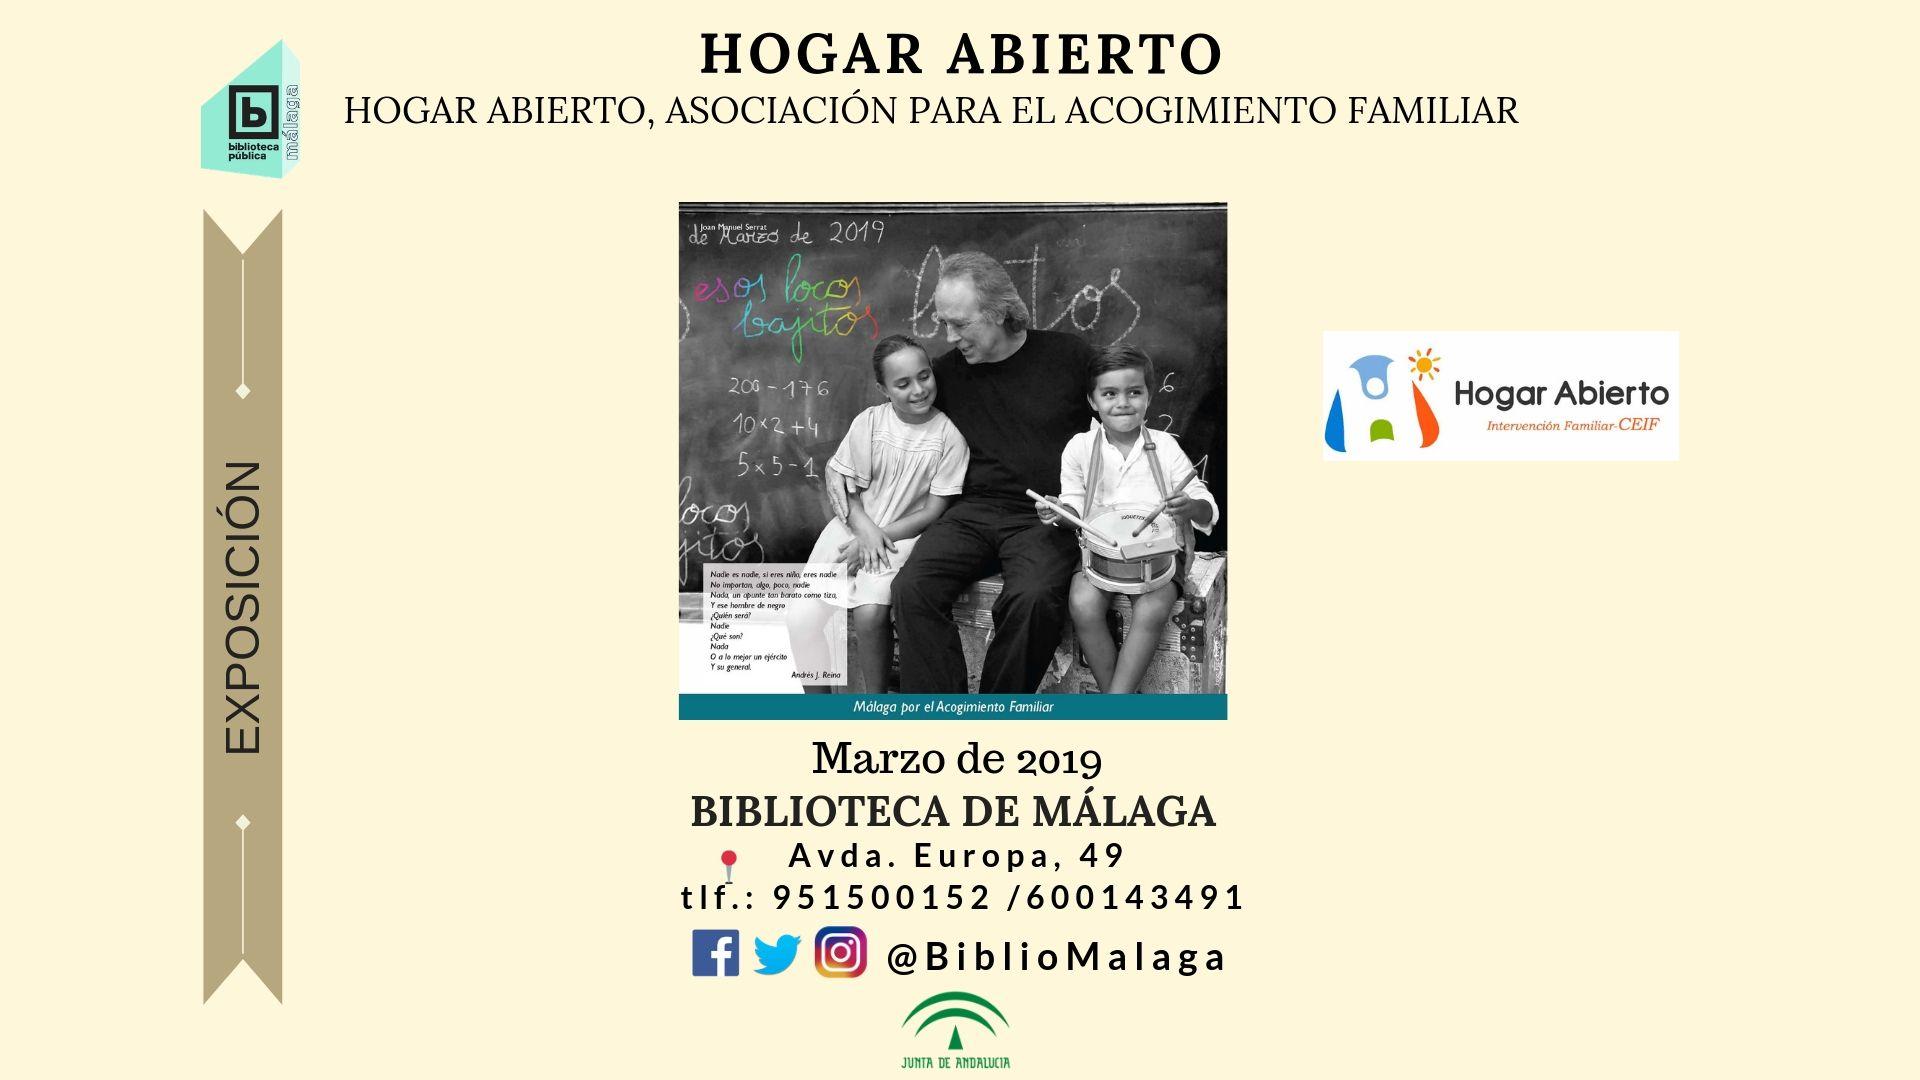 Exposición de fotografías de Hogar Abierto: Nueva campaña de difusión